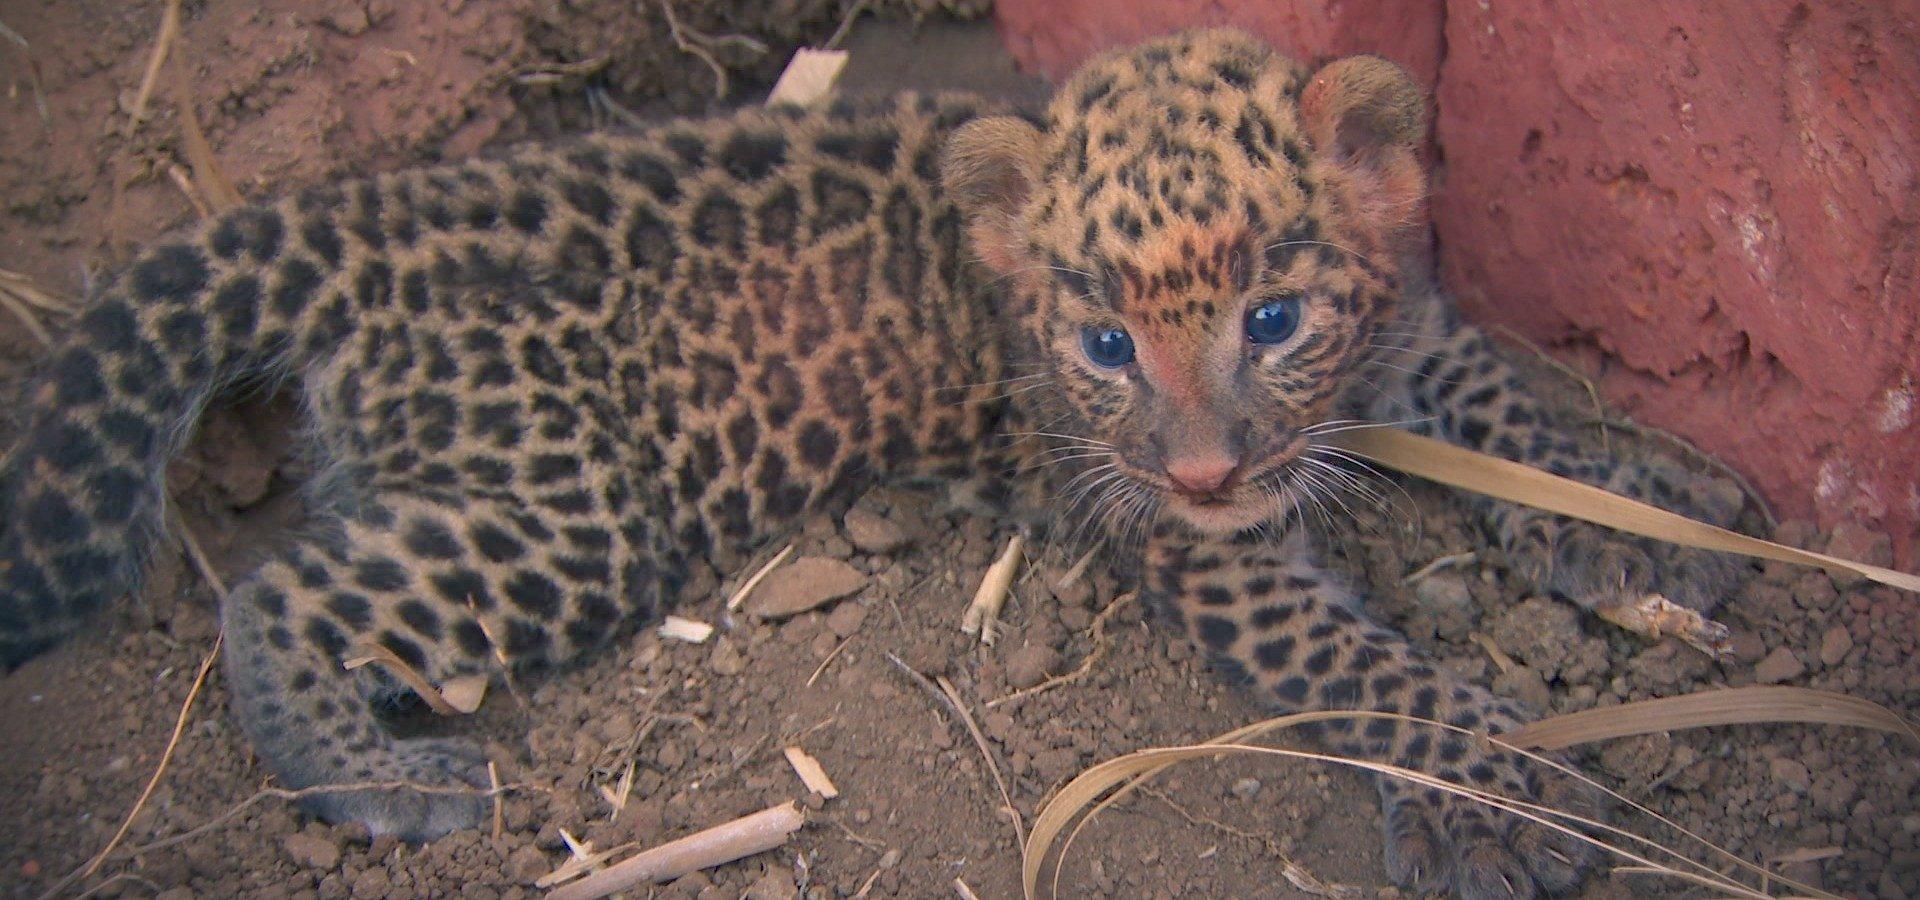 """W cichym konflikcie ludzi i zwierząt, niosą pomoc tym, którzy niczemu nie zawinili. """"Ratownicy z indyjskiej dżungli"""" na antenie National Geographic Wild"""